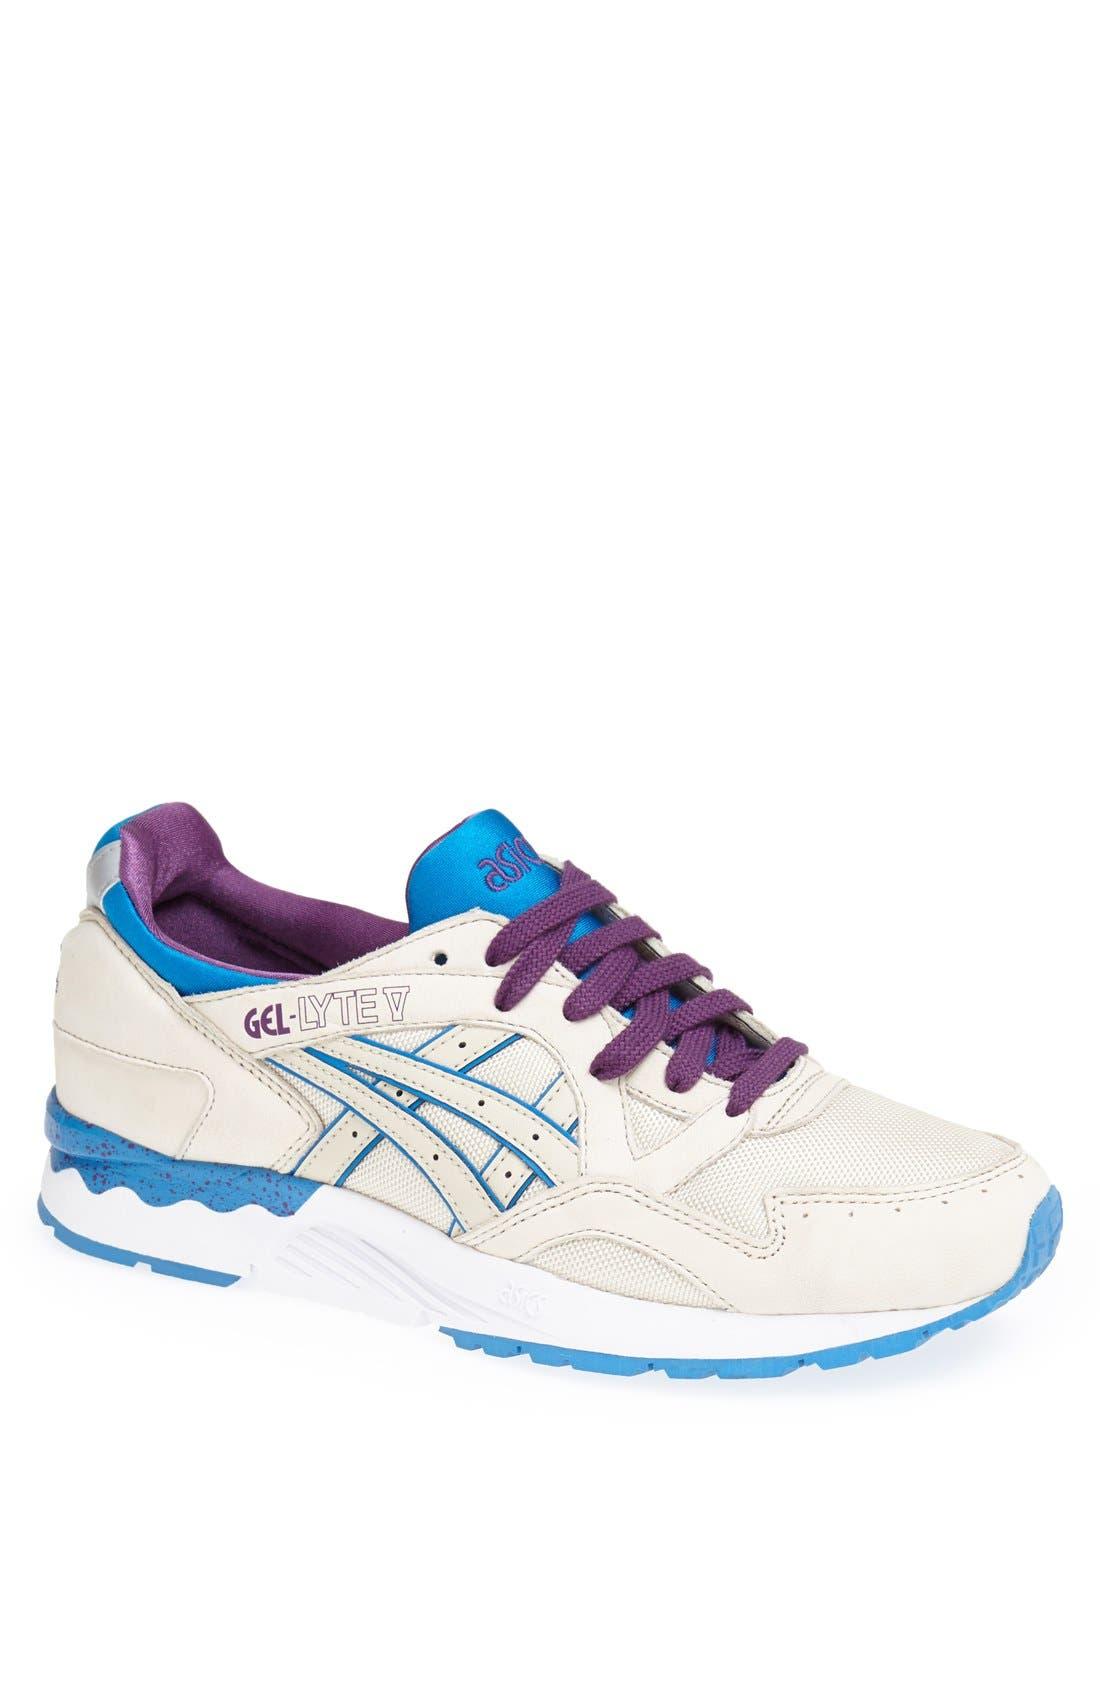 Alternate Image 1 Selected - ASICS® 'GEL-Lyte V' Sneaker (Men)